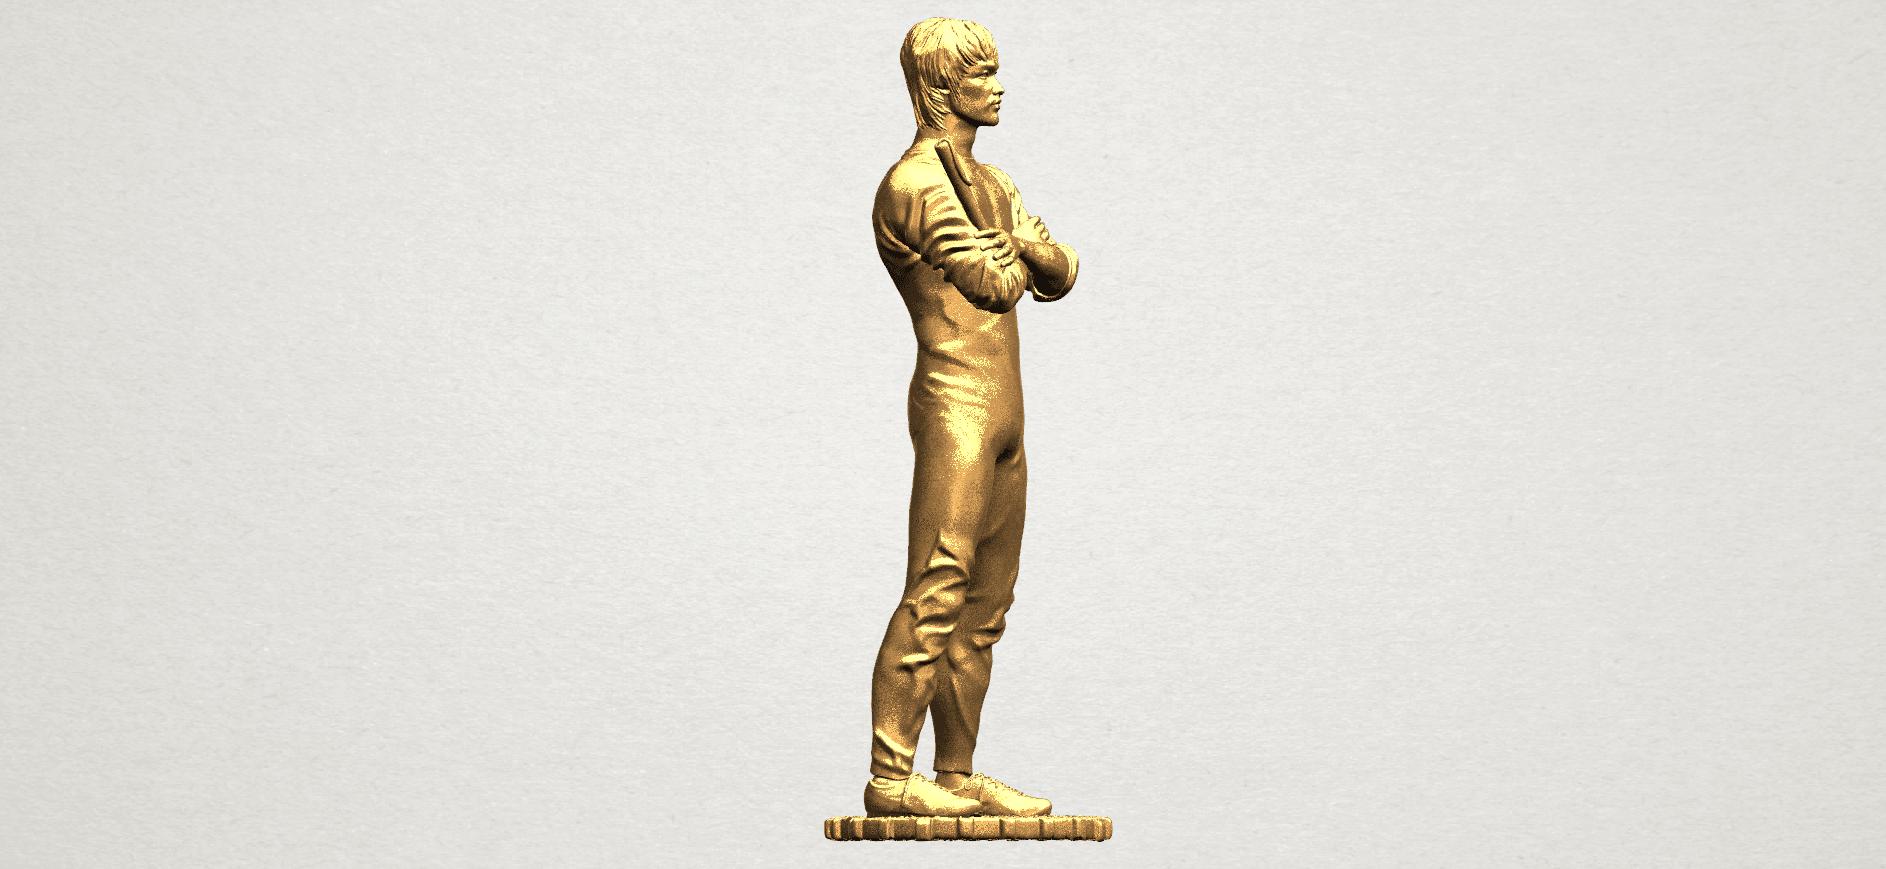 Bruce Lee A07.png Télécharger fichier STL gratuit Bruce Lee • Design à imprimer en 3D, GeorgesNikkei